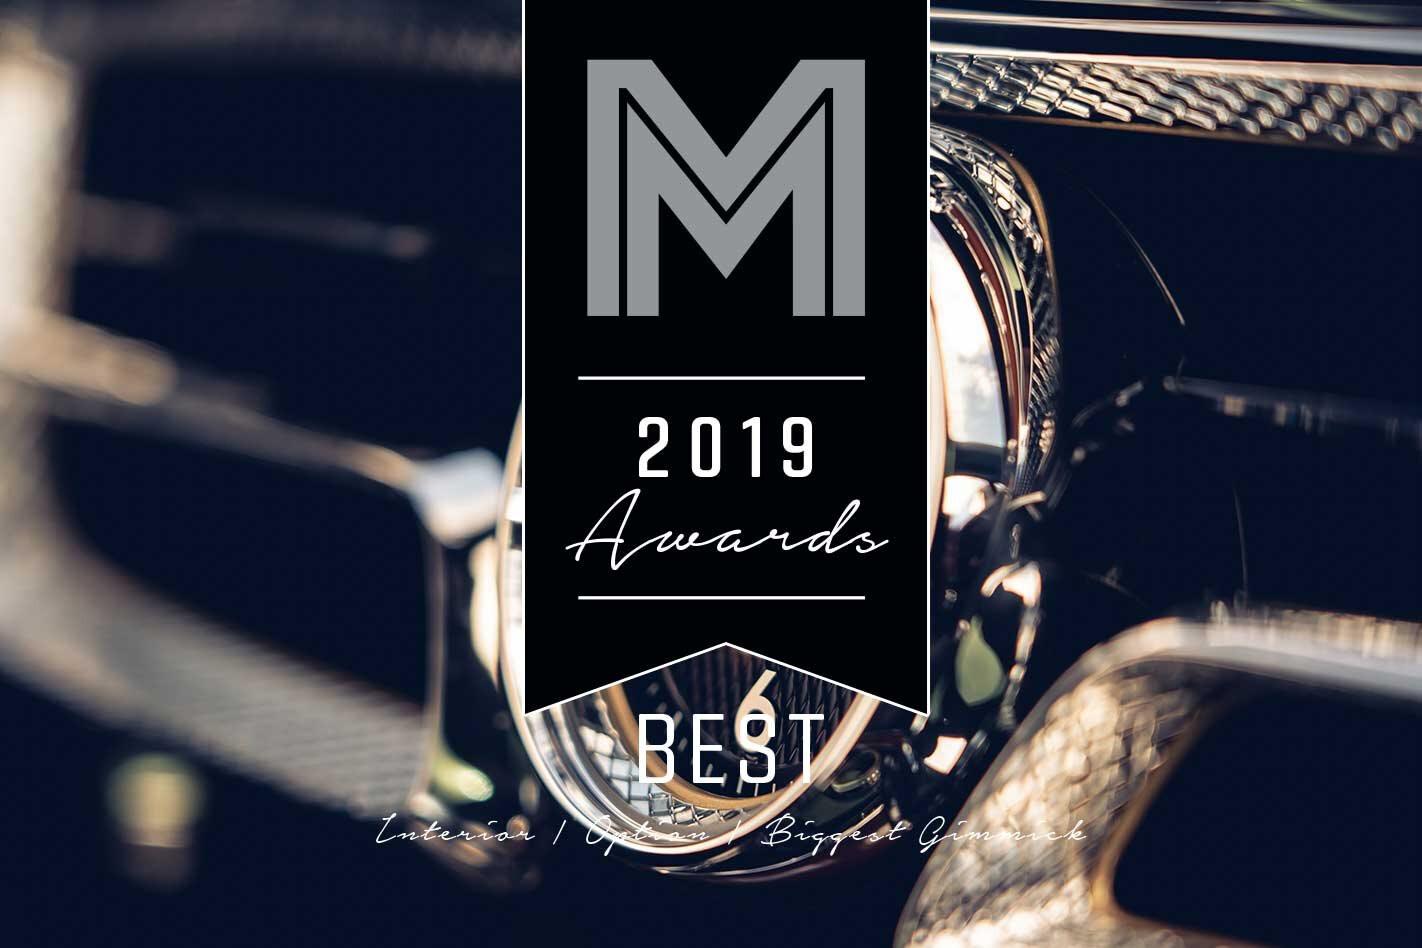 2019 MOTOR Awards Best Interior